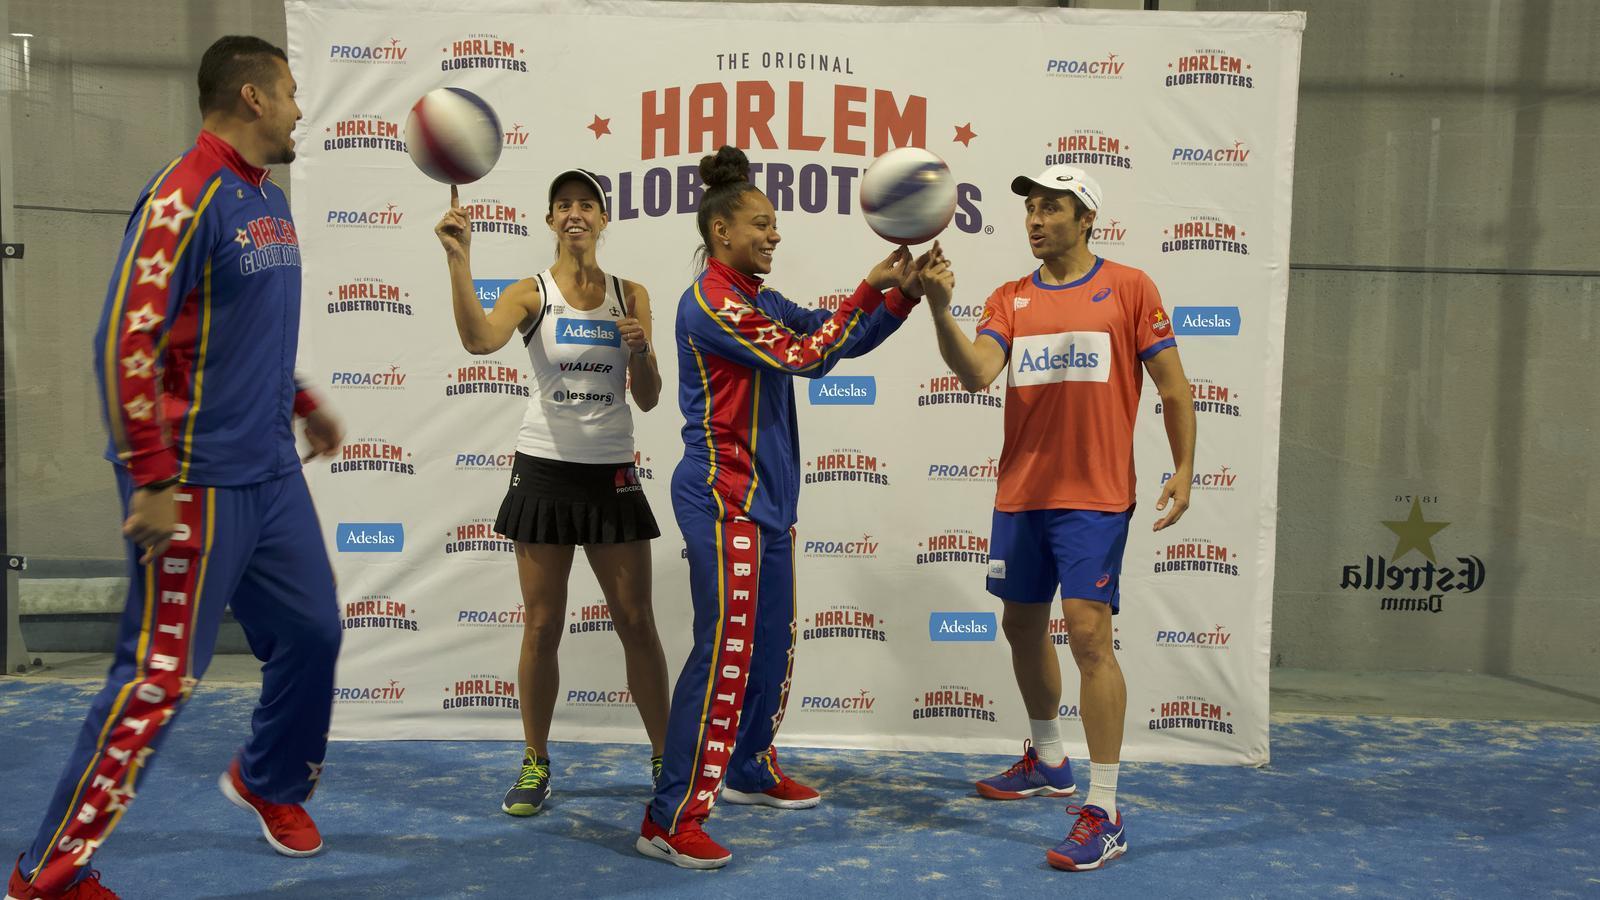 Els Harlem Globetrotters barregen pàdel i bàsquet